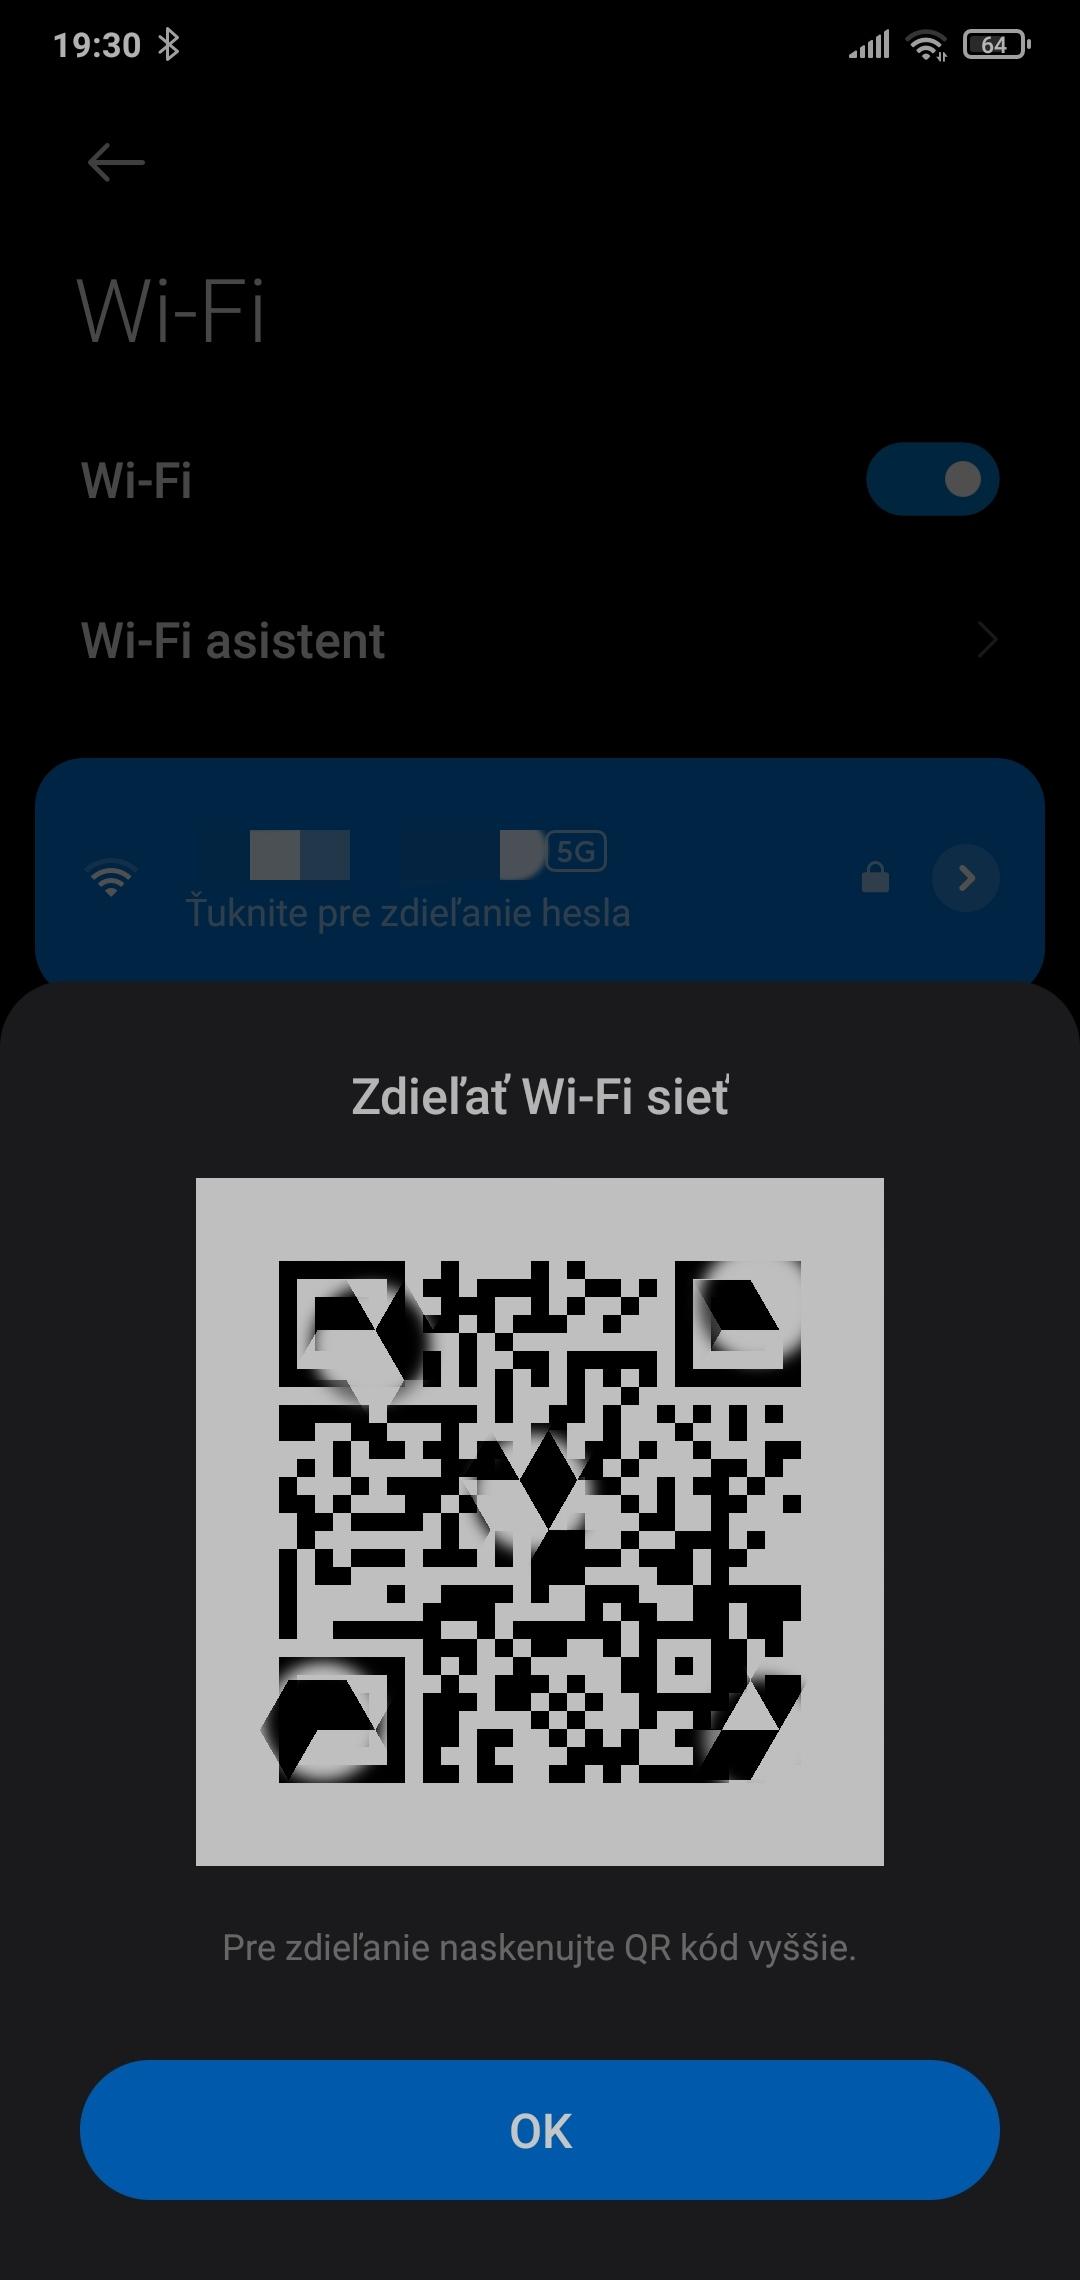 wifi heslo navod (1)